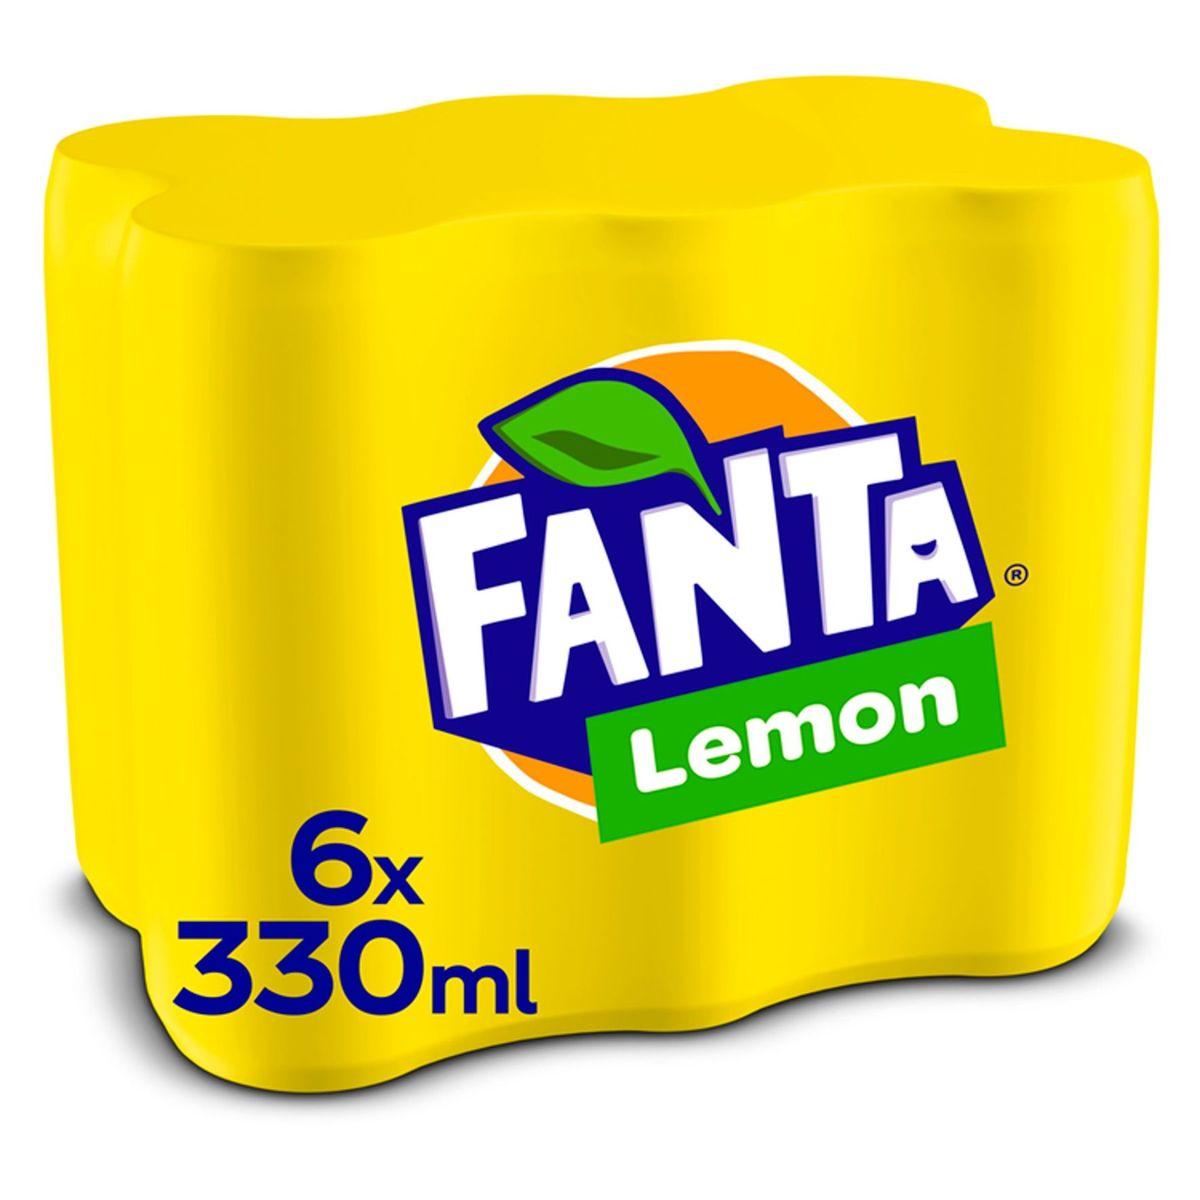 Fanta Lemon Canette 6 x 330 ml